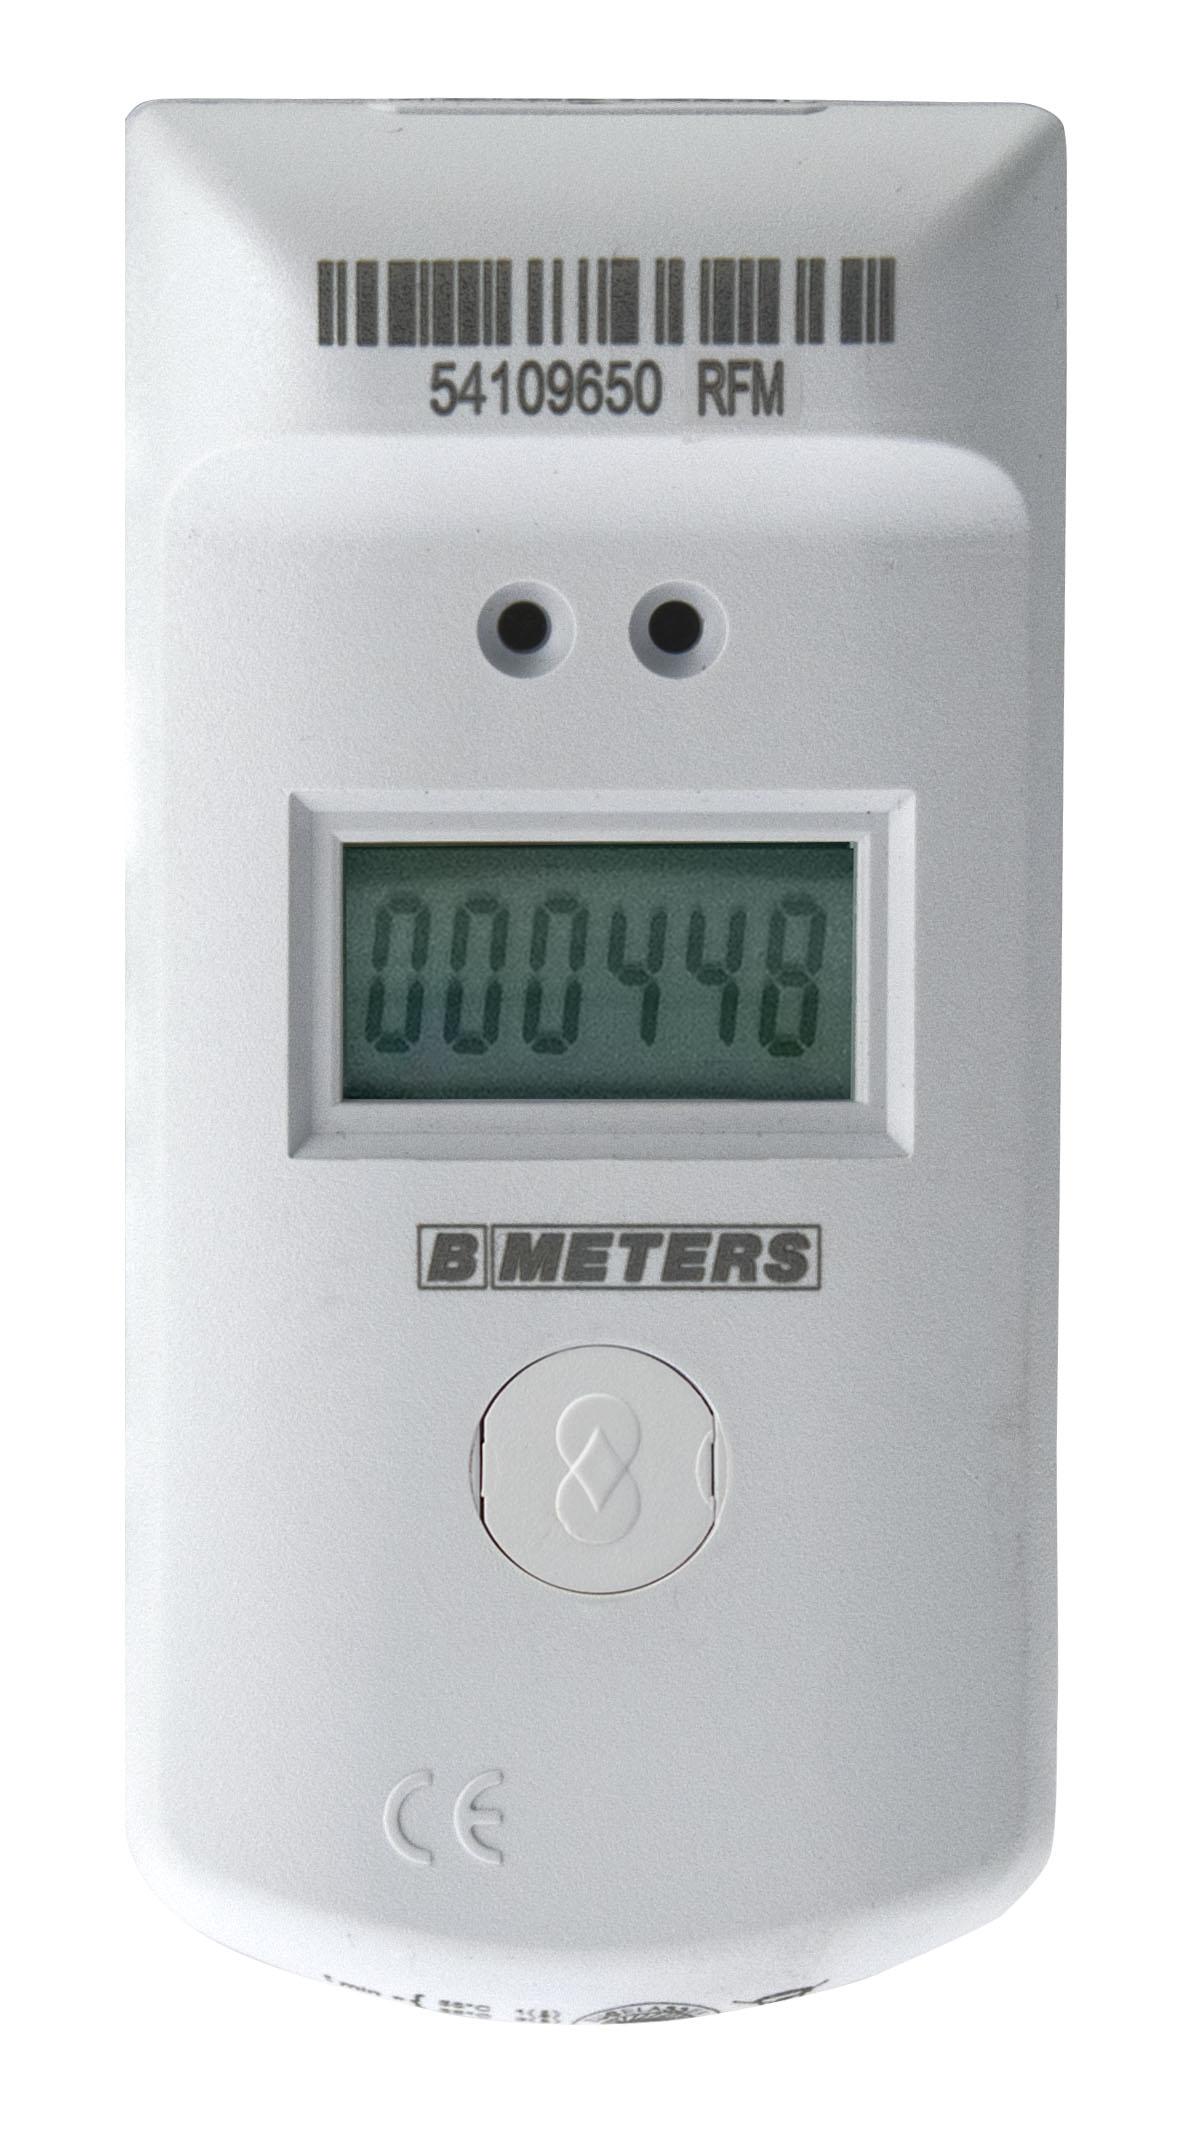 poměrový měřič tepla naradiátory